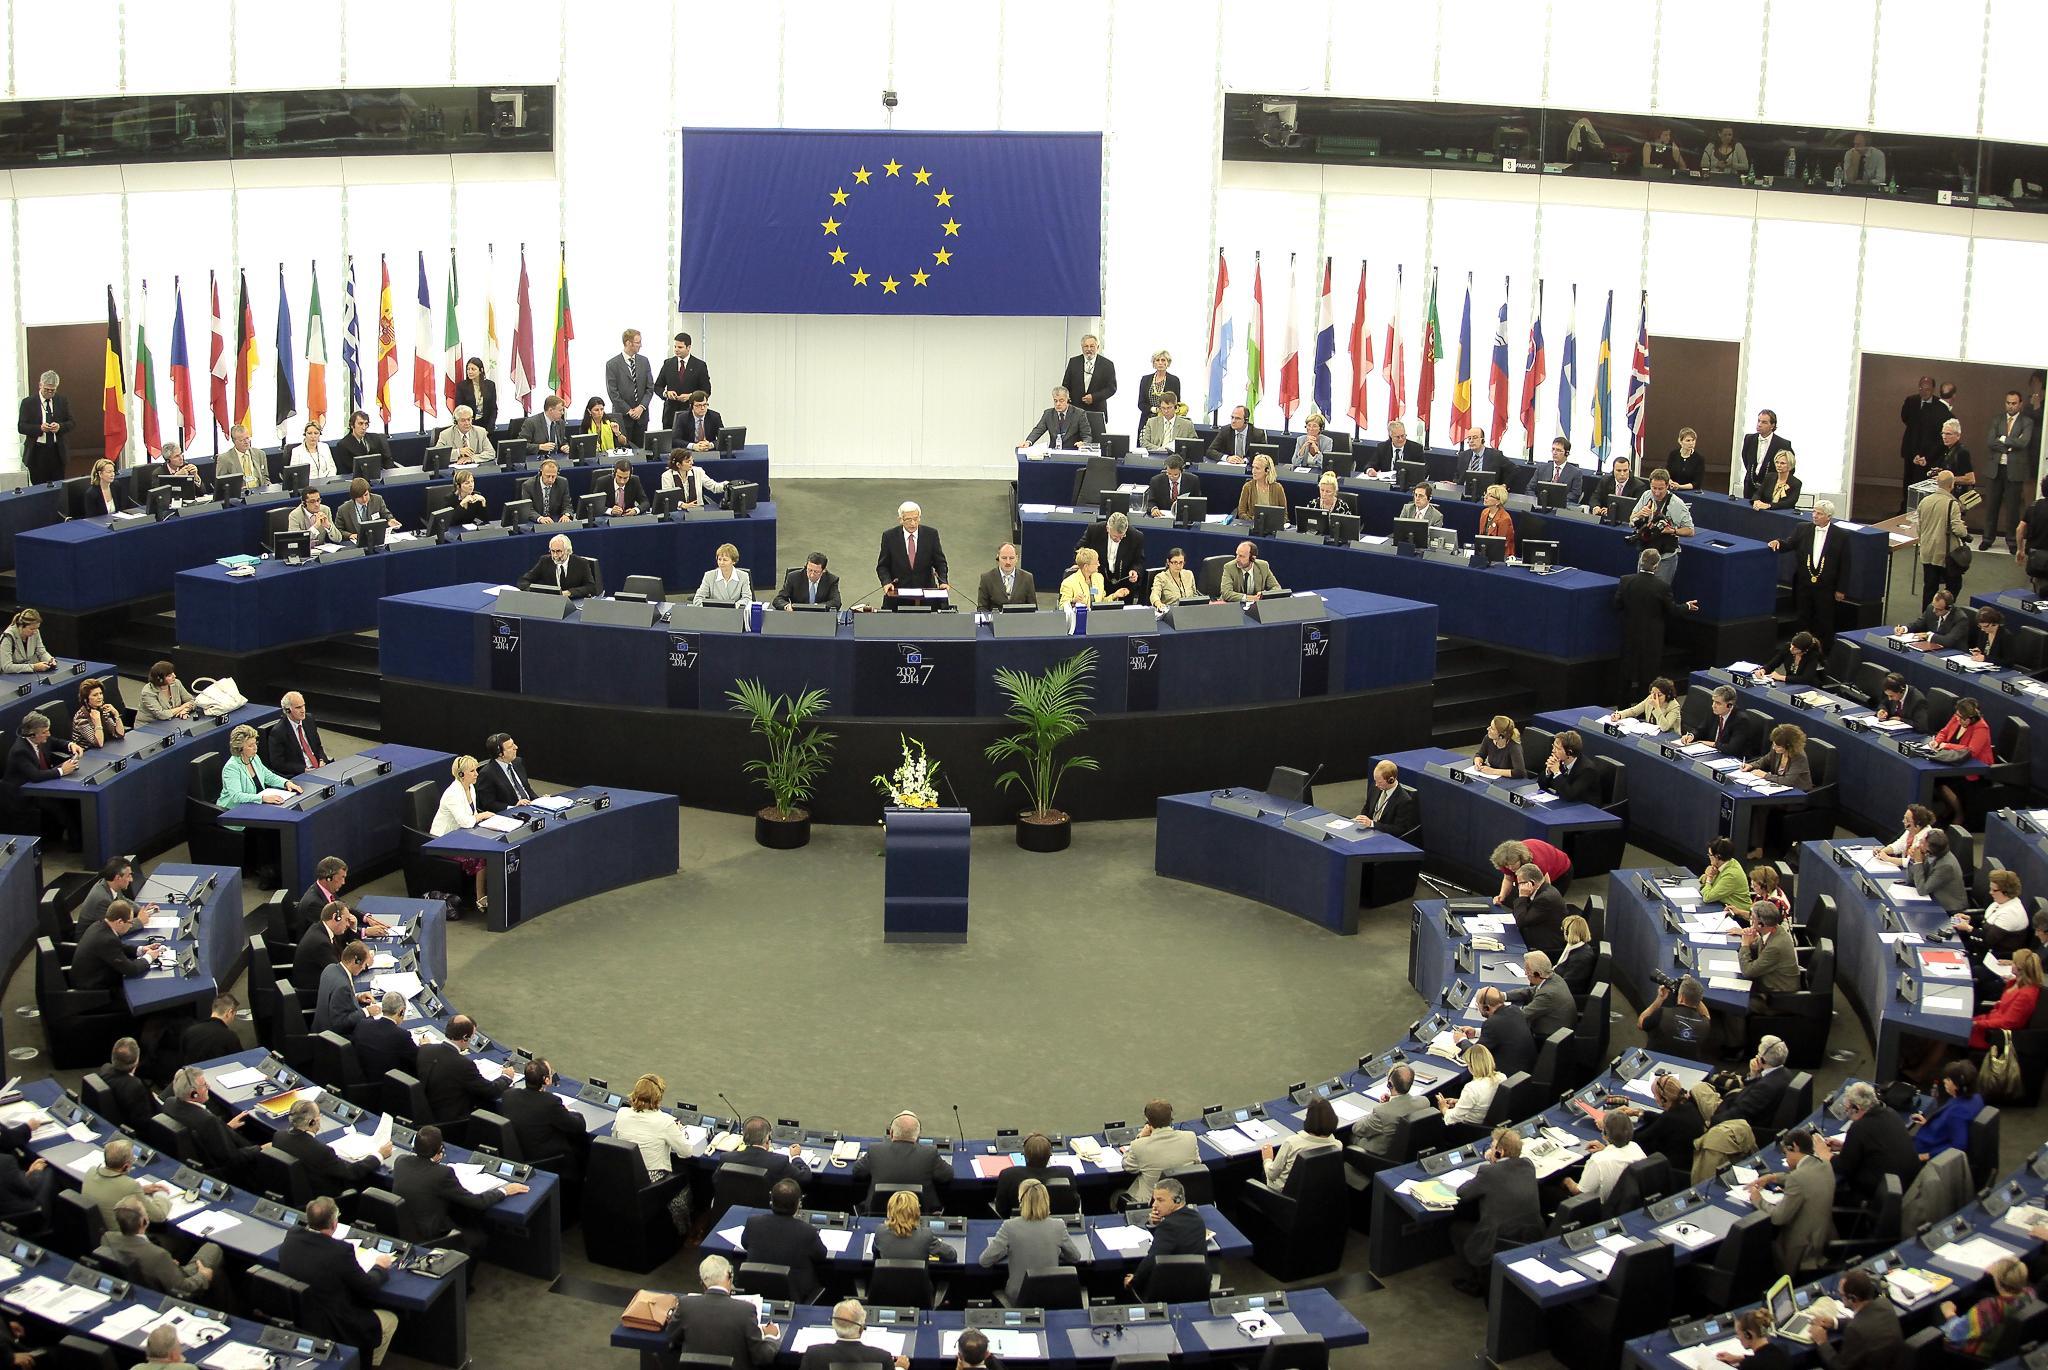 Il procedimento di formazione degli atti legislativi for Formazione parlamento